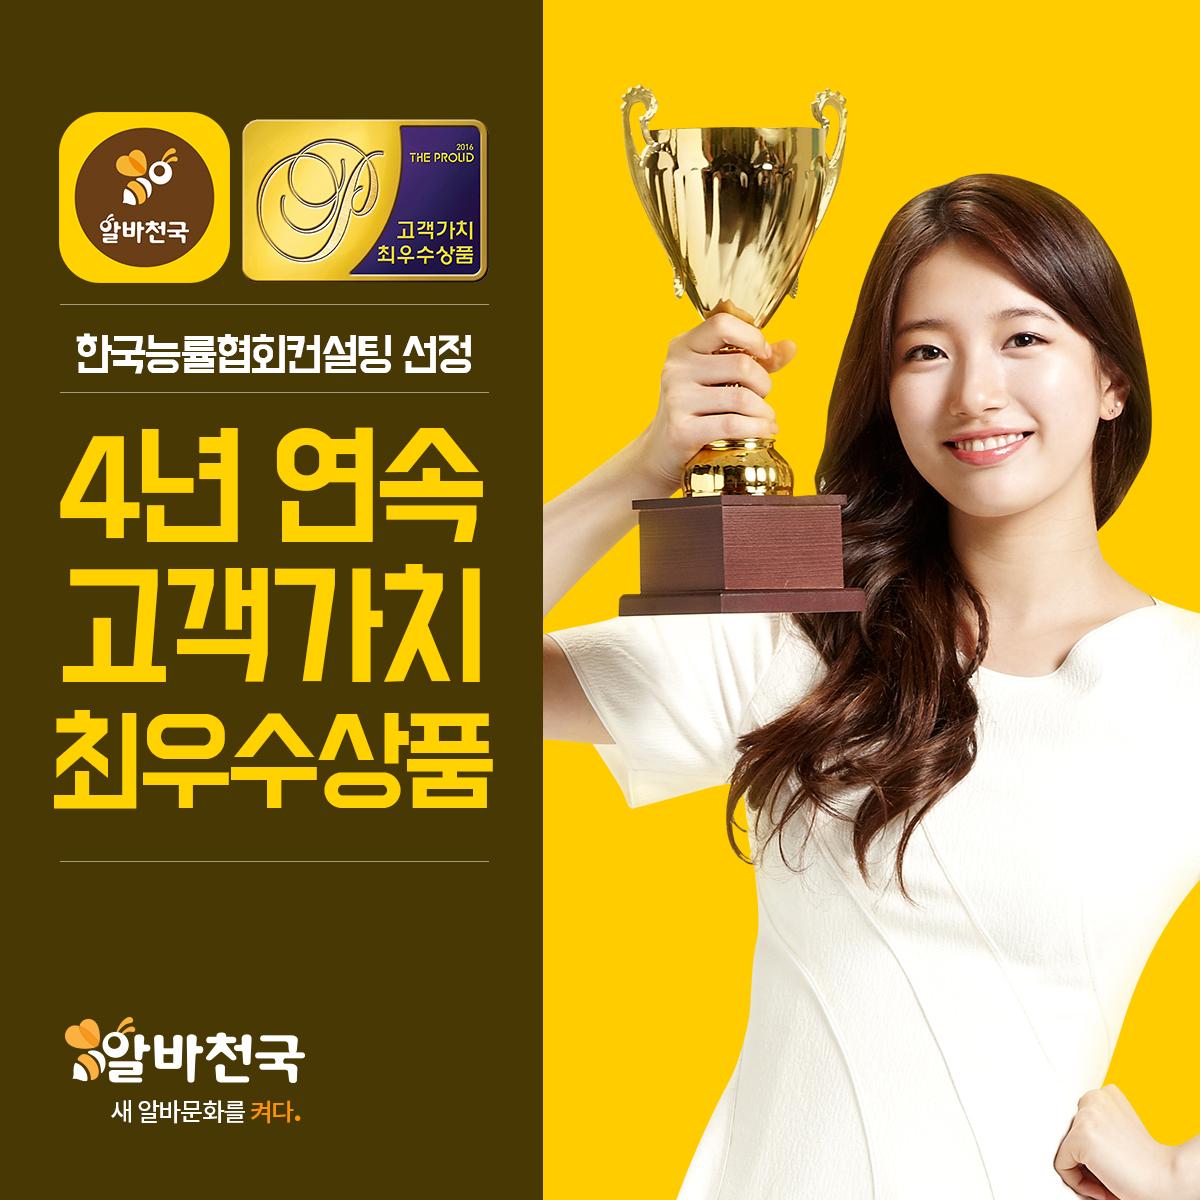 알바천국, 한국능률협회 선정 '고객가치 최우수상품' 4년 연속 1위